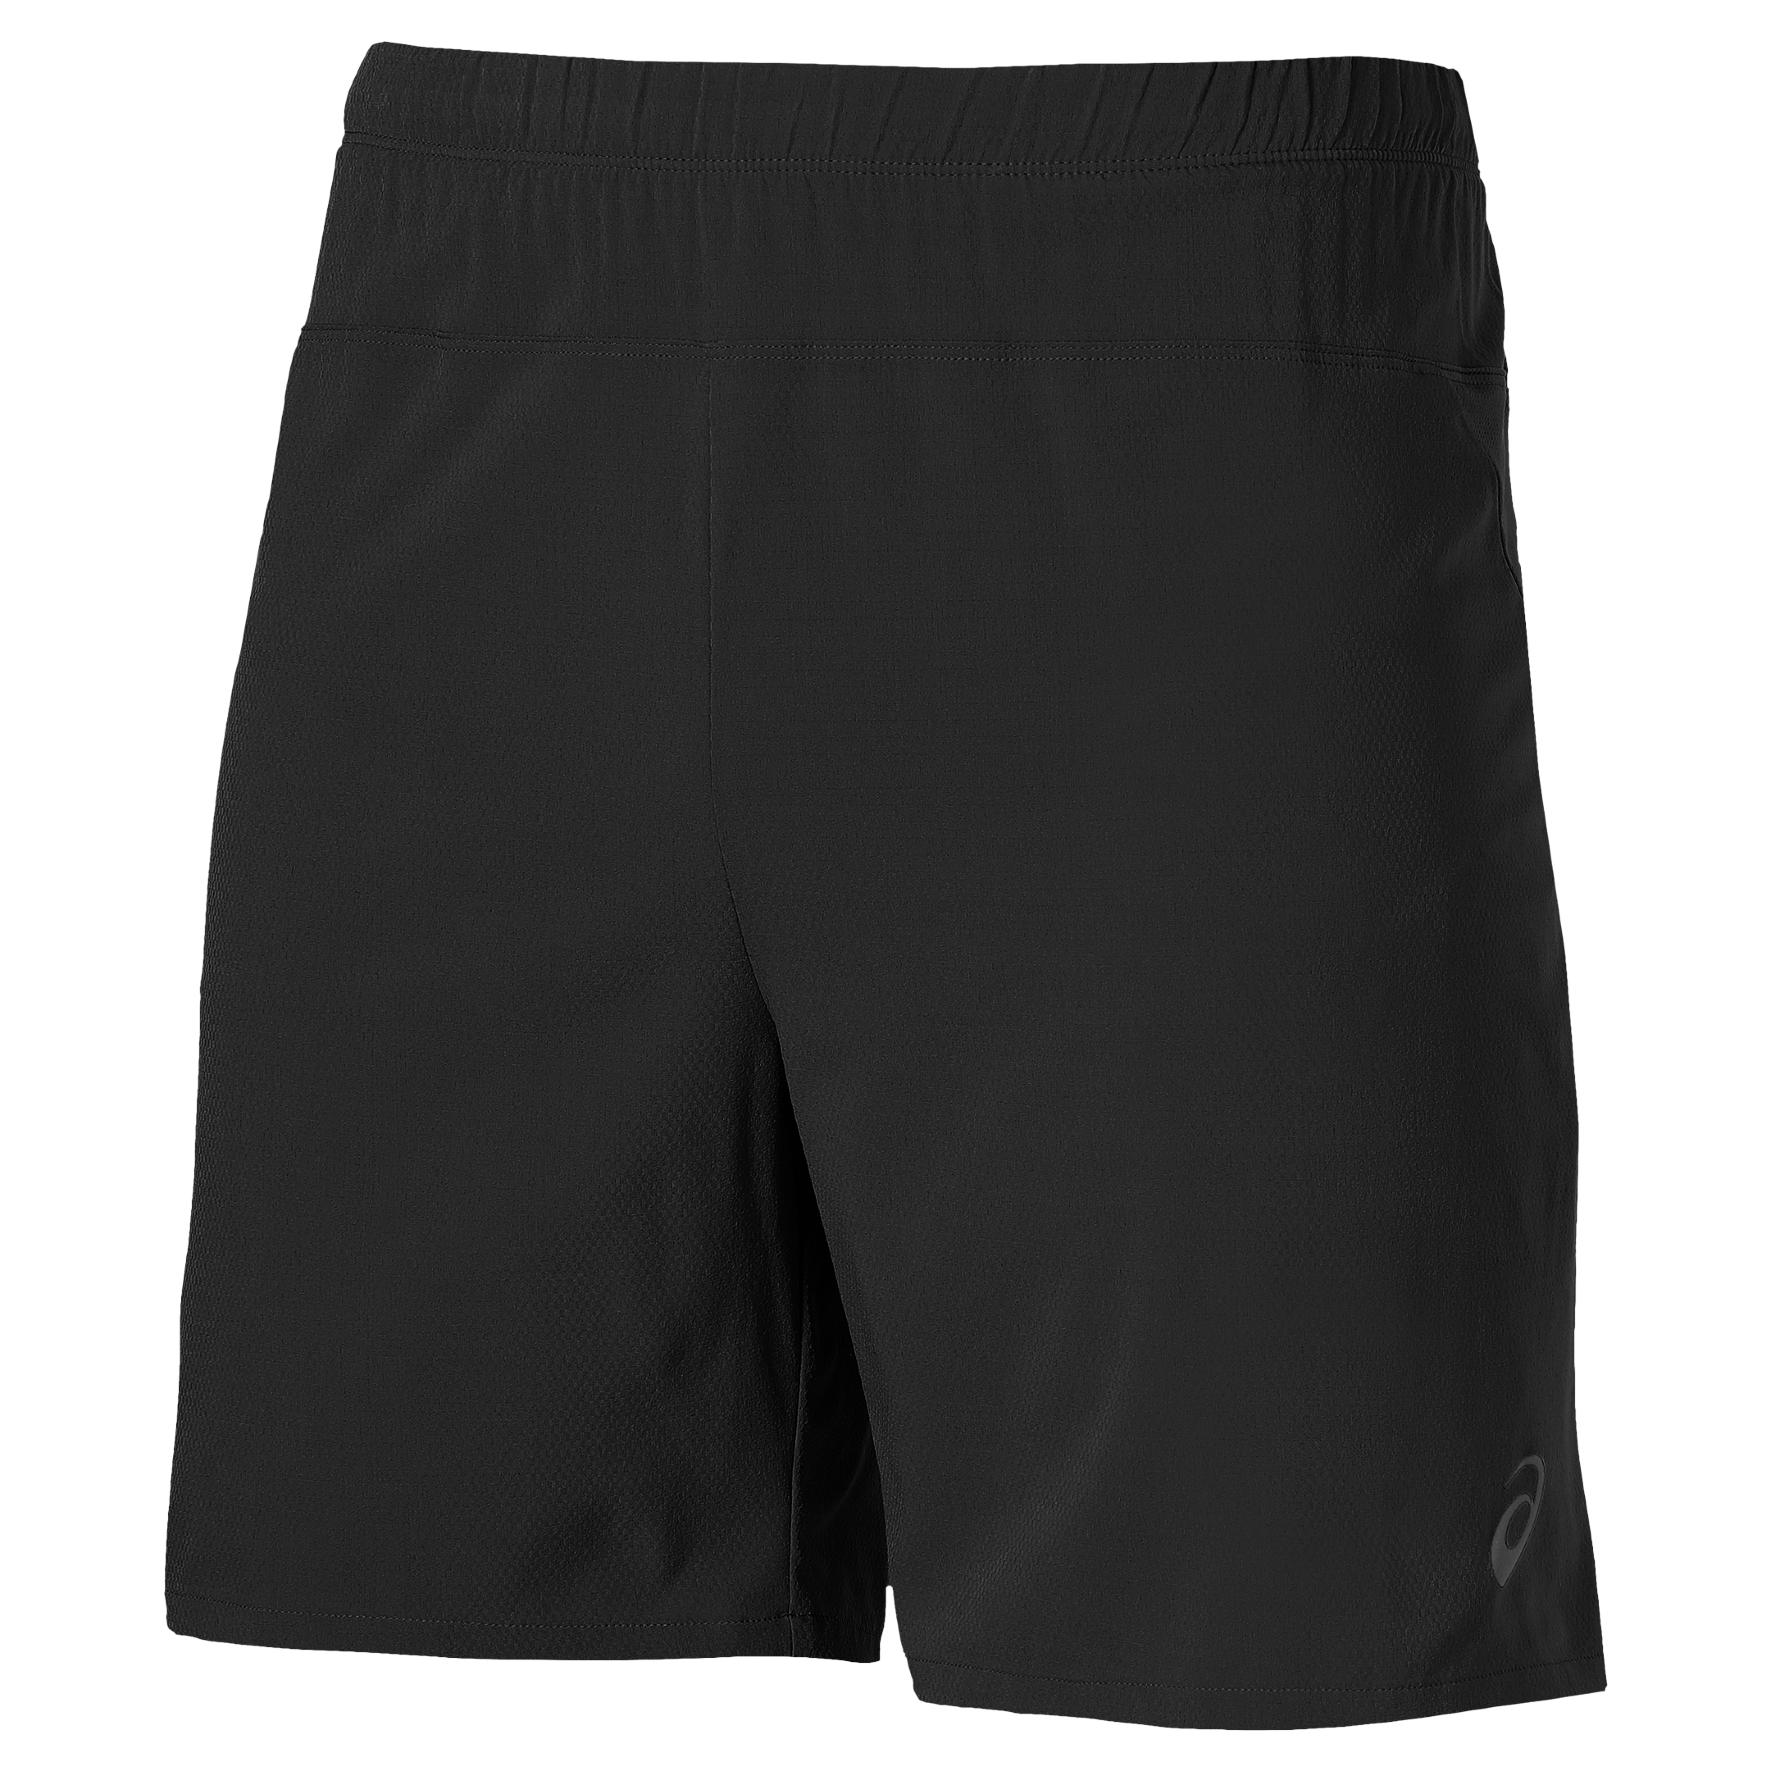 Купить Шорты Беговые Asics 2016 7In Short, мужской, Одежда для бега и фитнеса